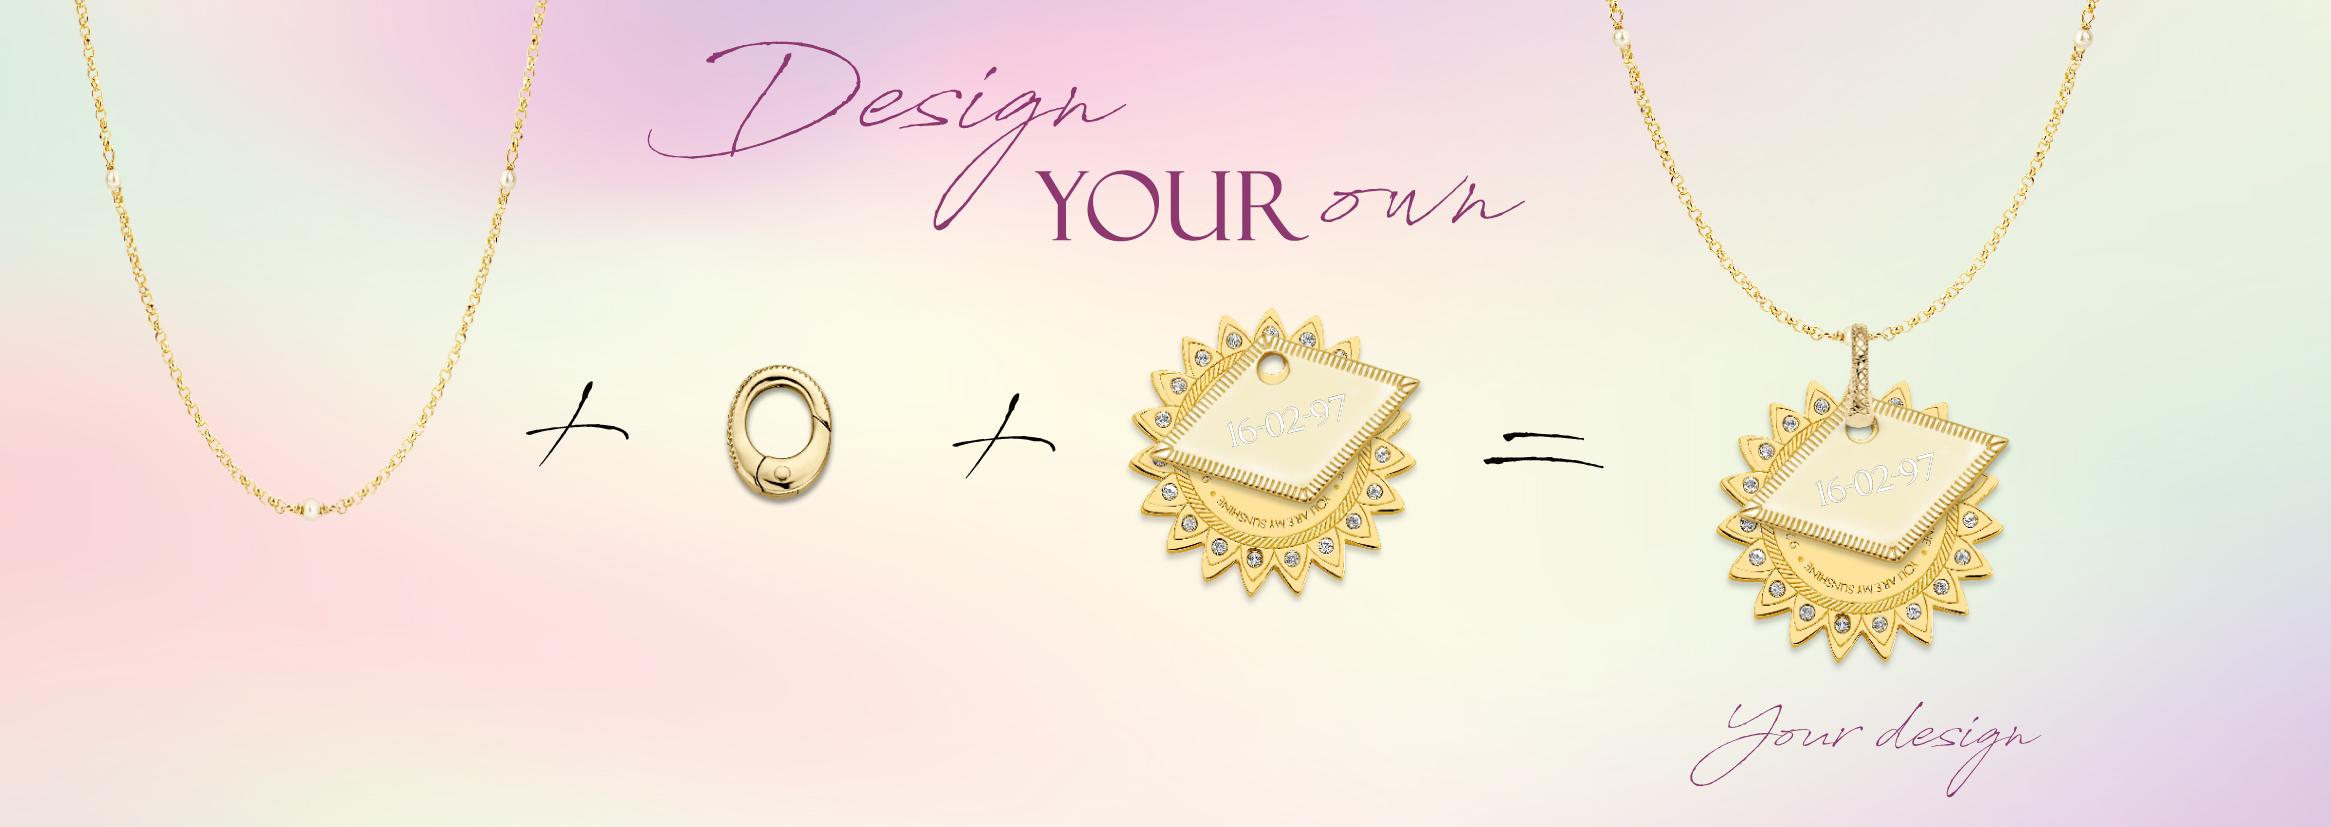 MI MONEDA Monogram maak je eigen monogram sieraad Wolters Juweliers Coevorden Emmen